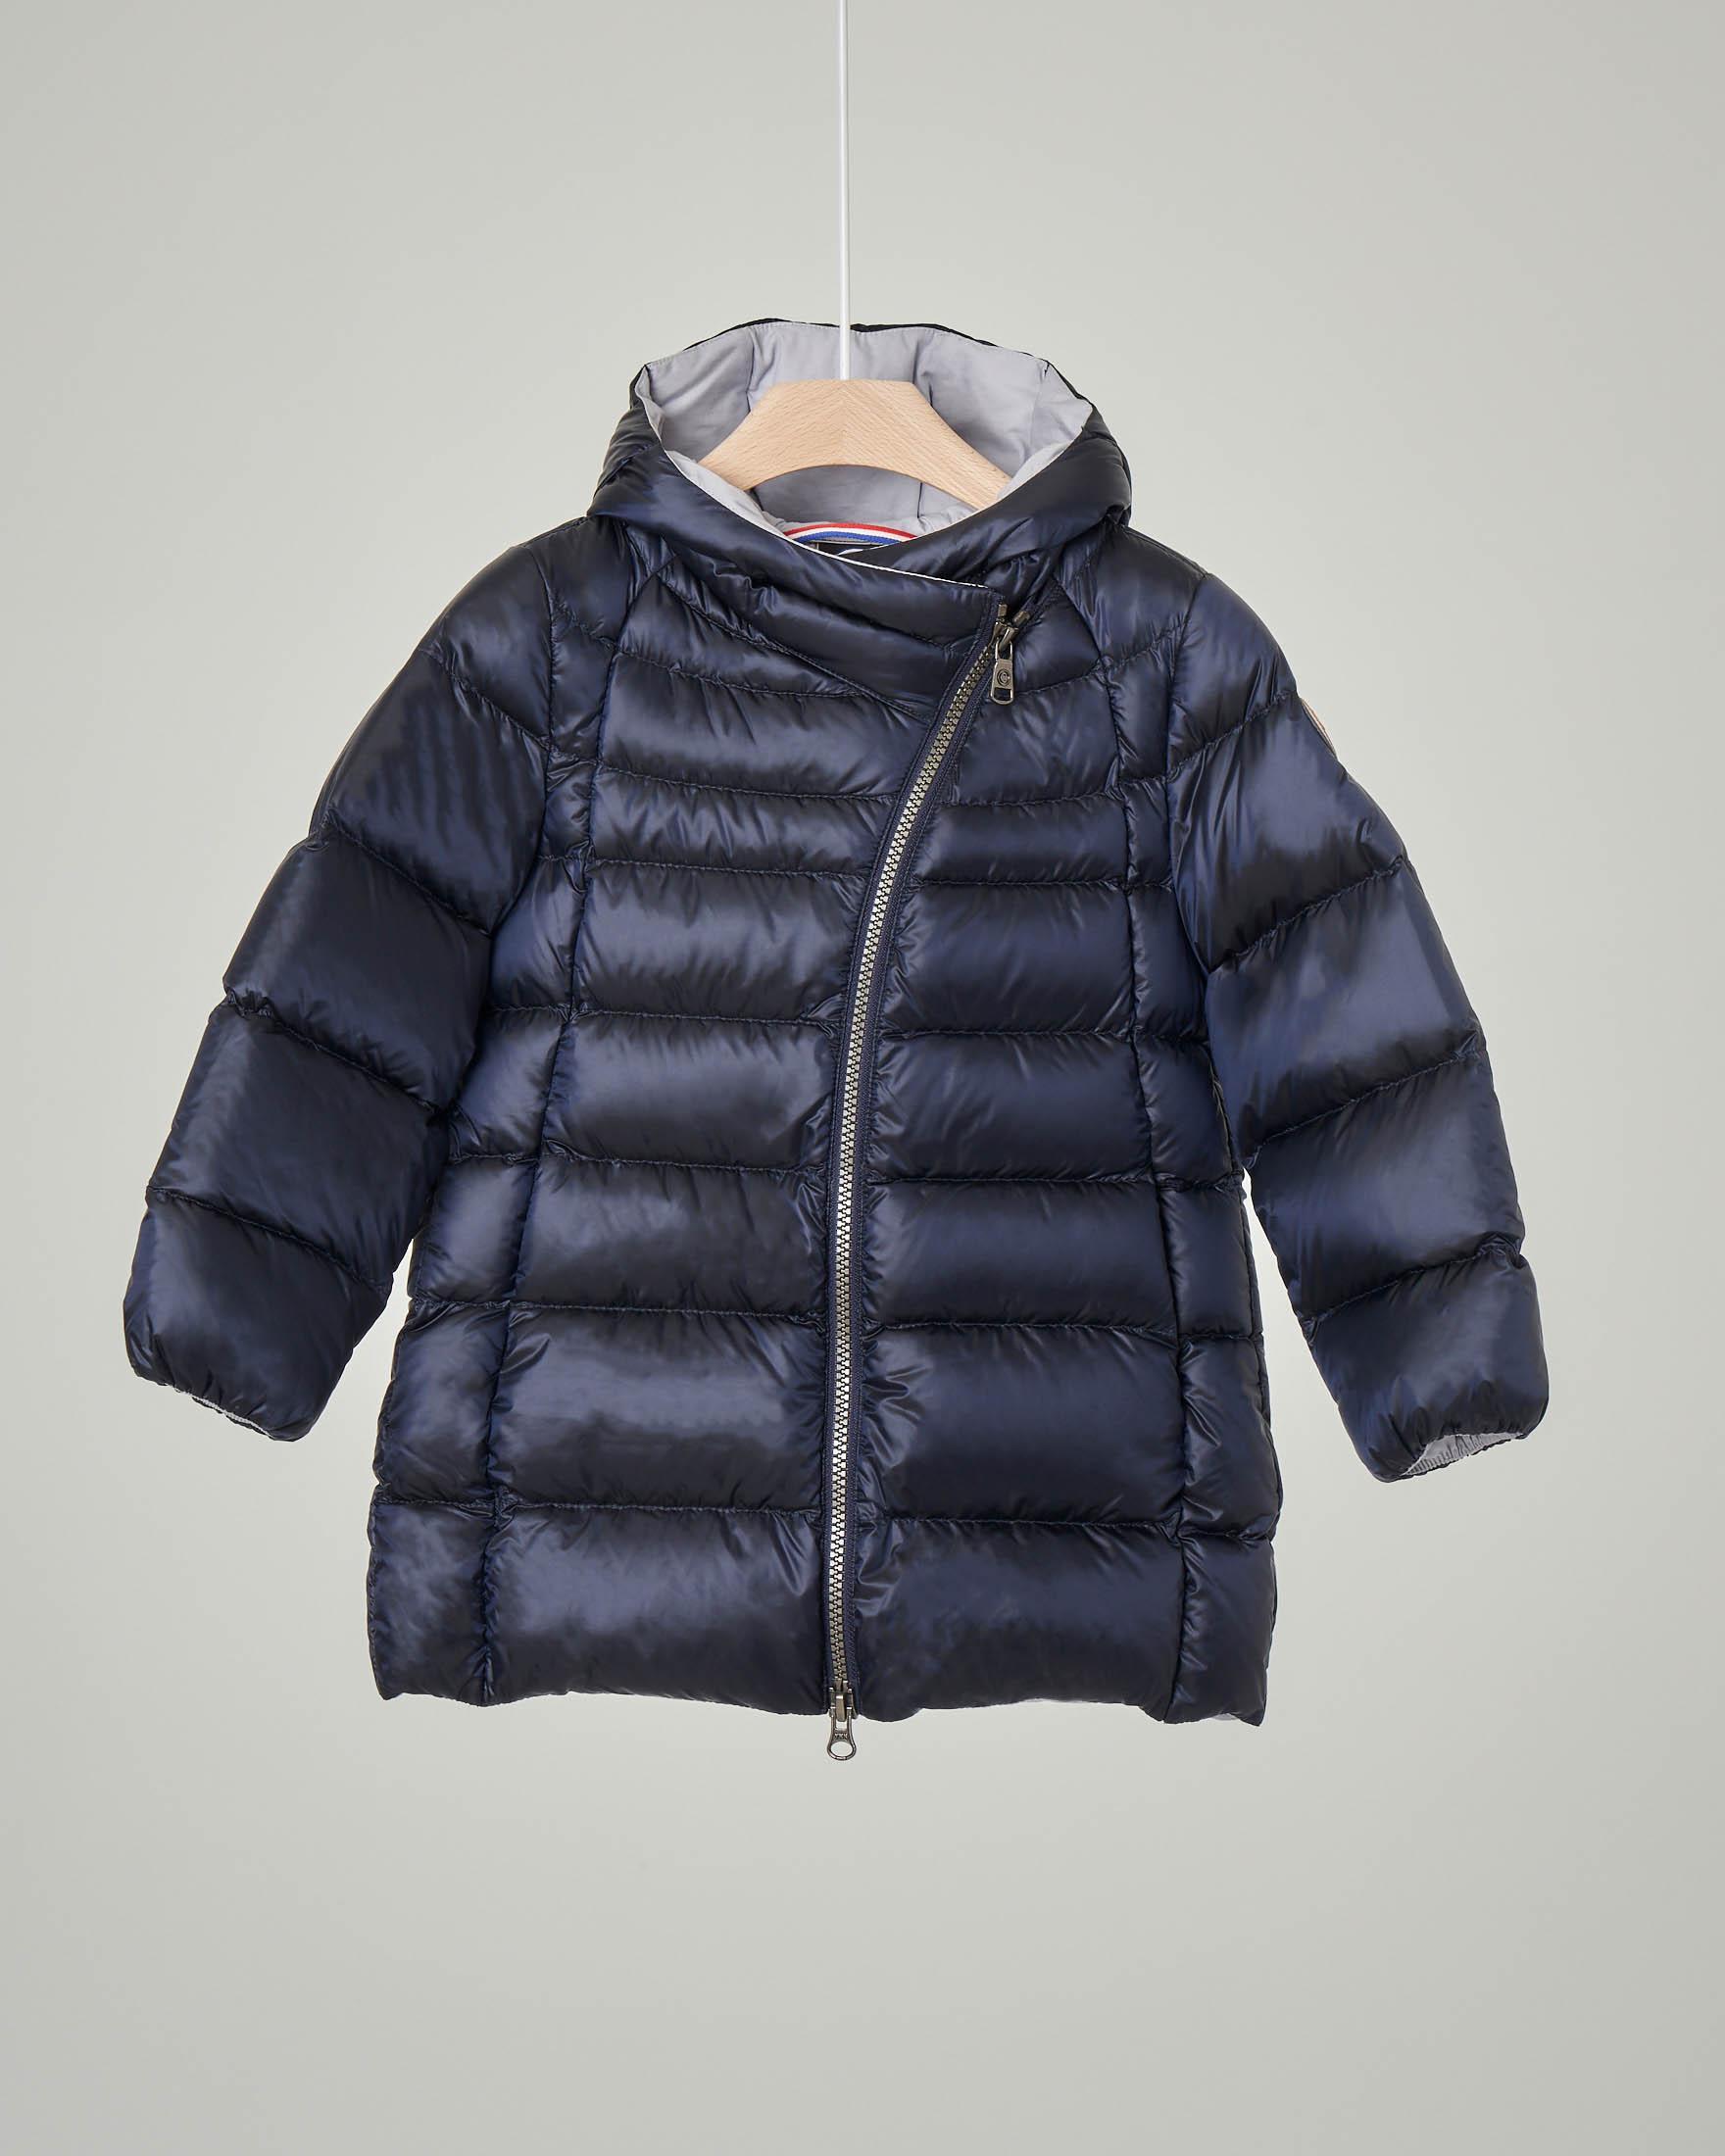 Cappotto blu imbottito in piuma con chiusura diagonale 18-36 mesi